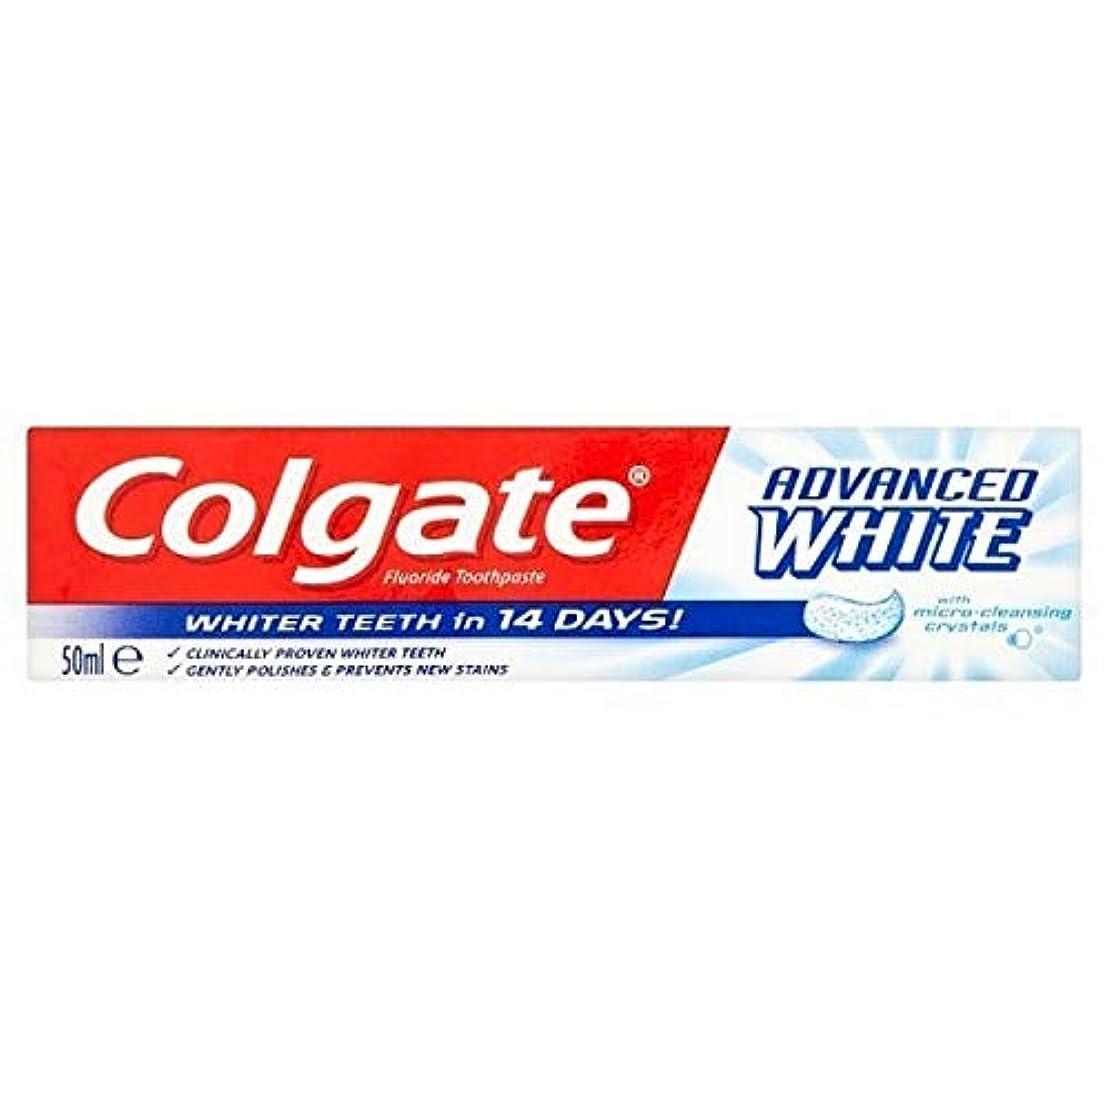 異常な小康振り返る[Colgate ] コルゲートは白ホワイトニング歯磨き粉50ミリリットルを進めました - Colgate Advanced White Whitening Toothpaste 50ml [並行輸入品]